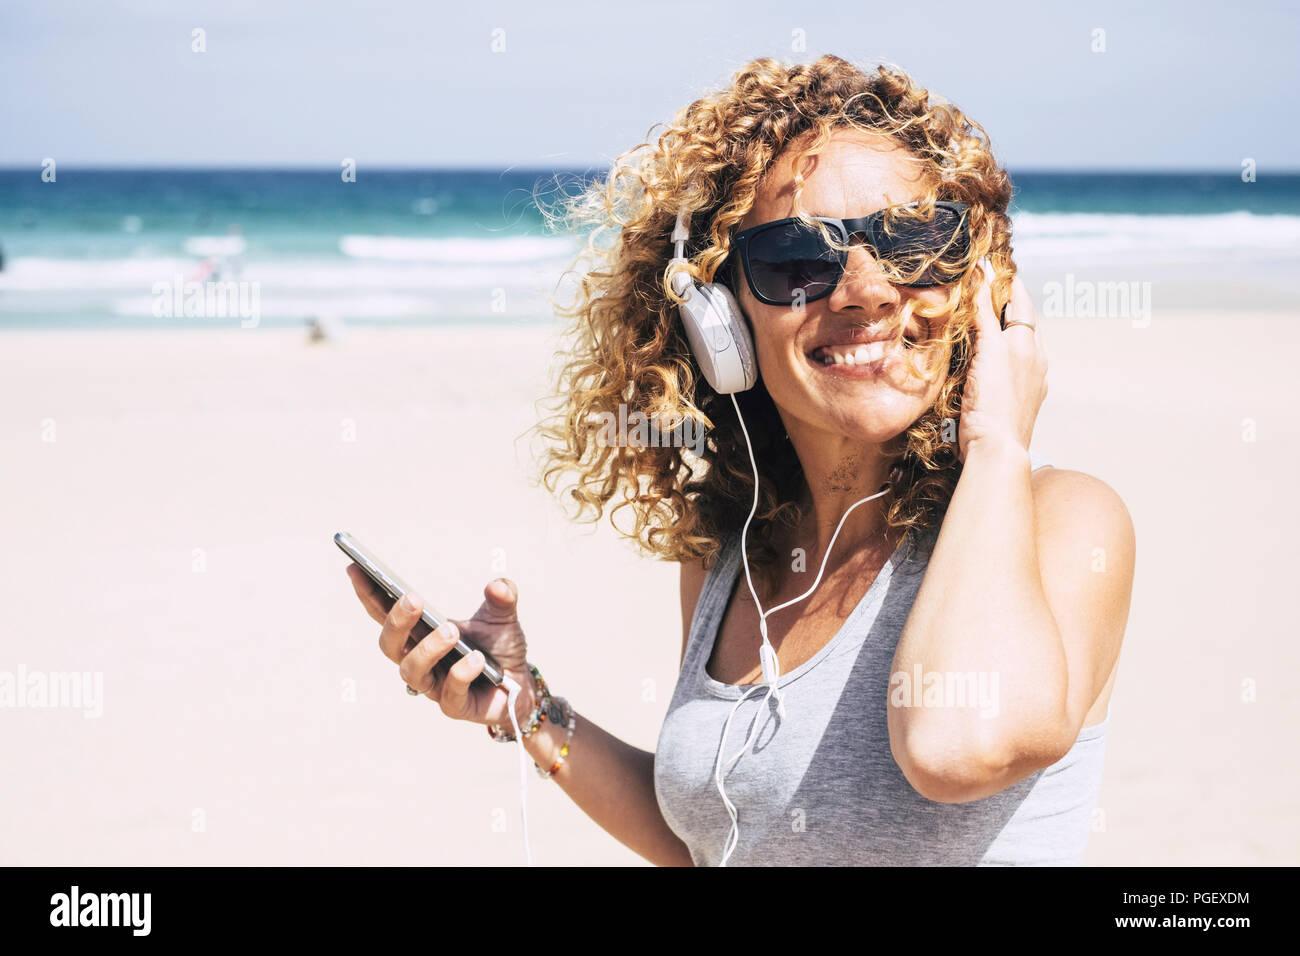 Attrayant beau joyeux caucasian middle age woman smiling at the beach in tropical place tandis que écouter de la musique avec le téléphone intelligent. personnes enjoyi Photo Stock